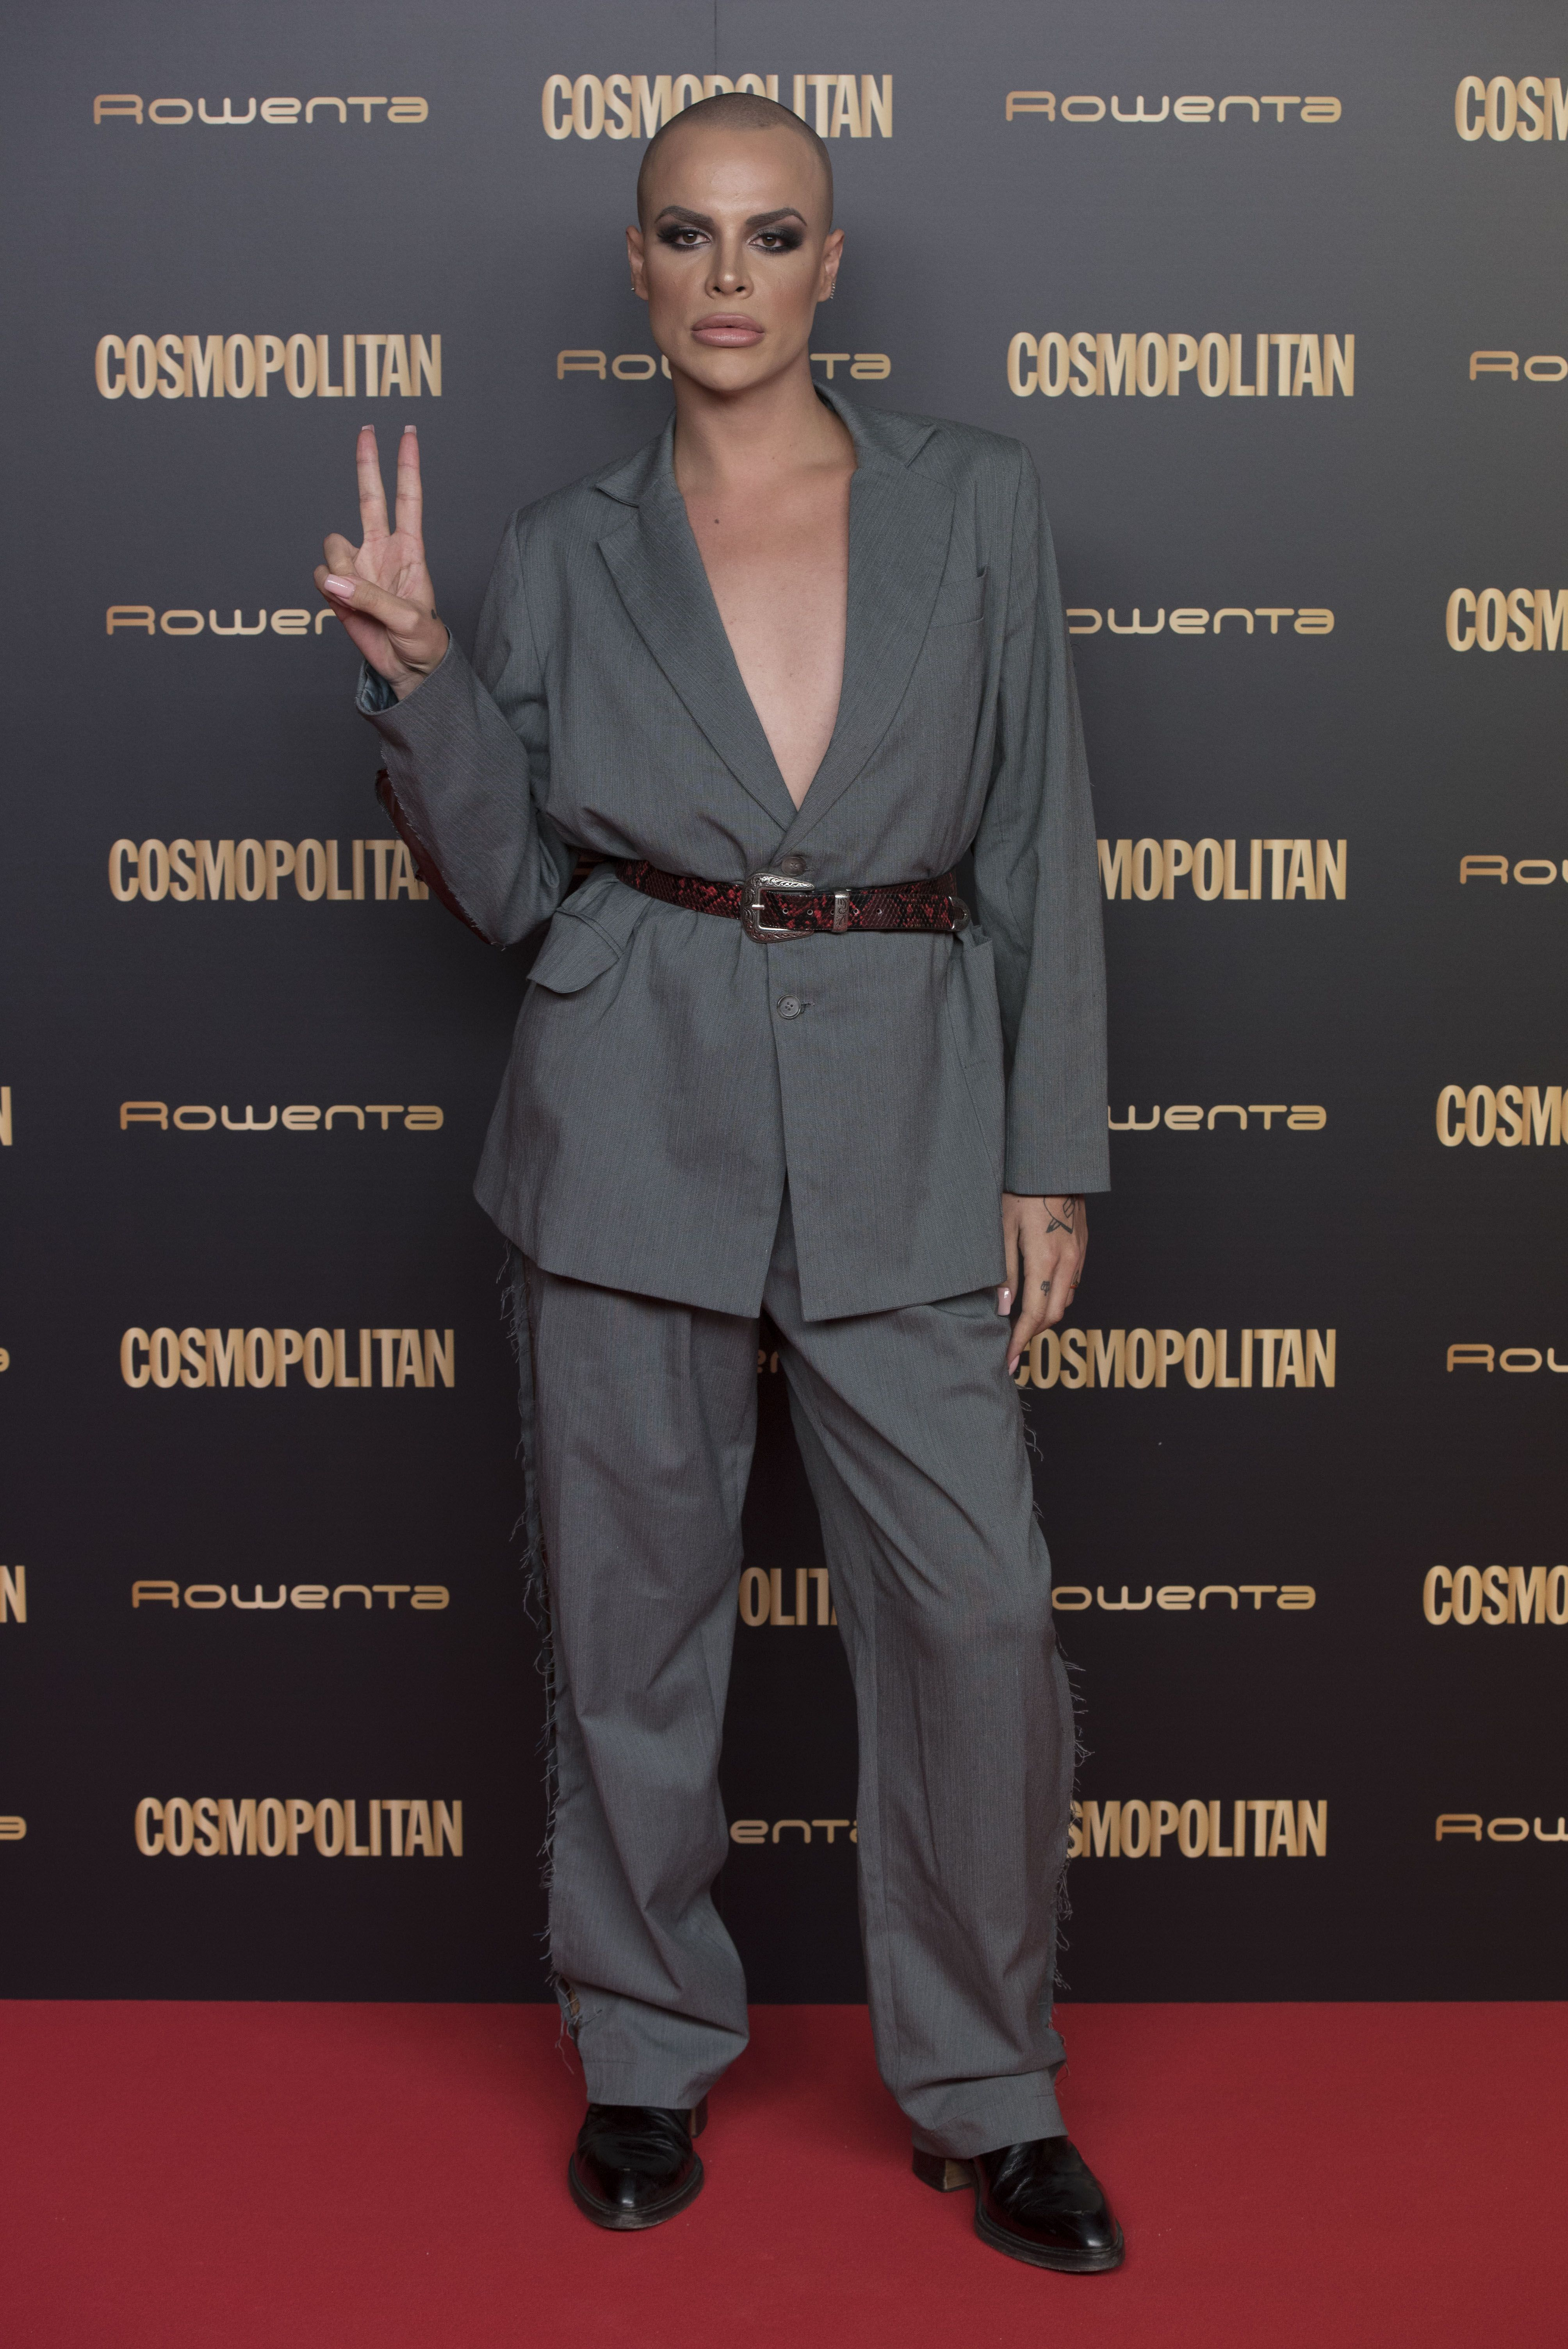 Los mejores peinados de los Cosmo Awards (y cómo conseguirlos)